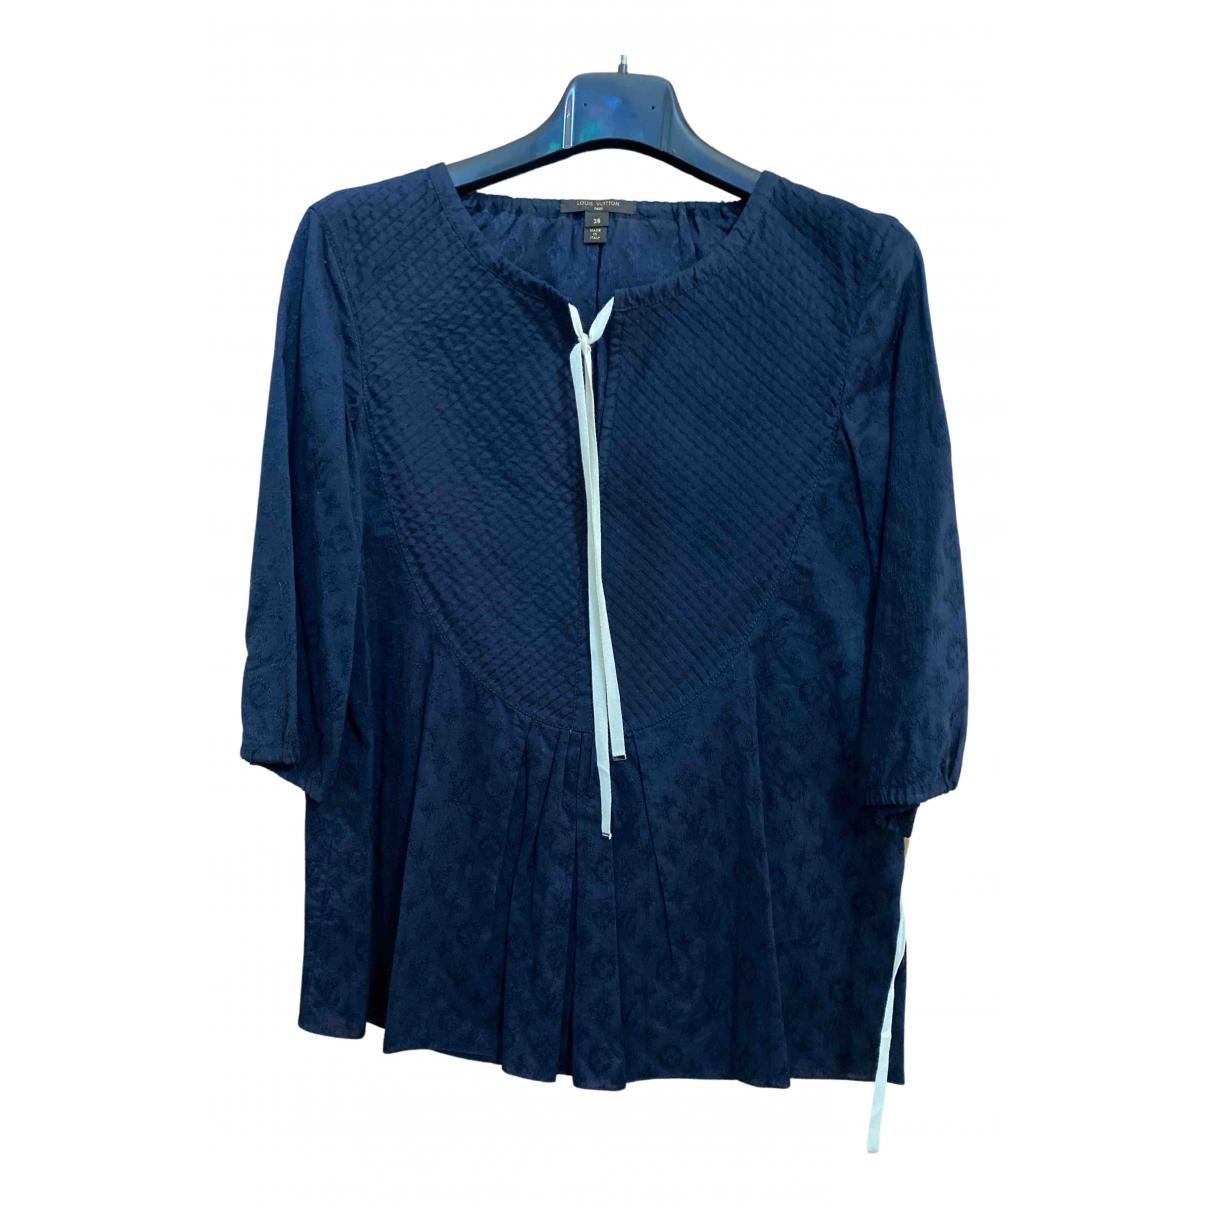 Louis Vuitton - Top   pour femme en coton